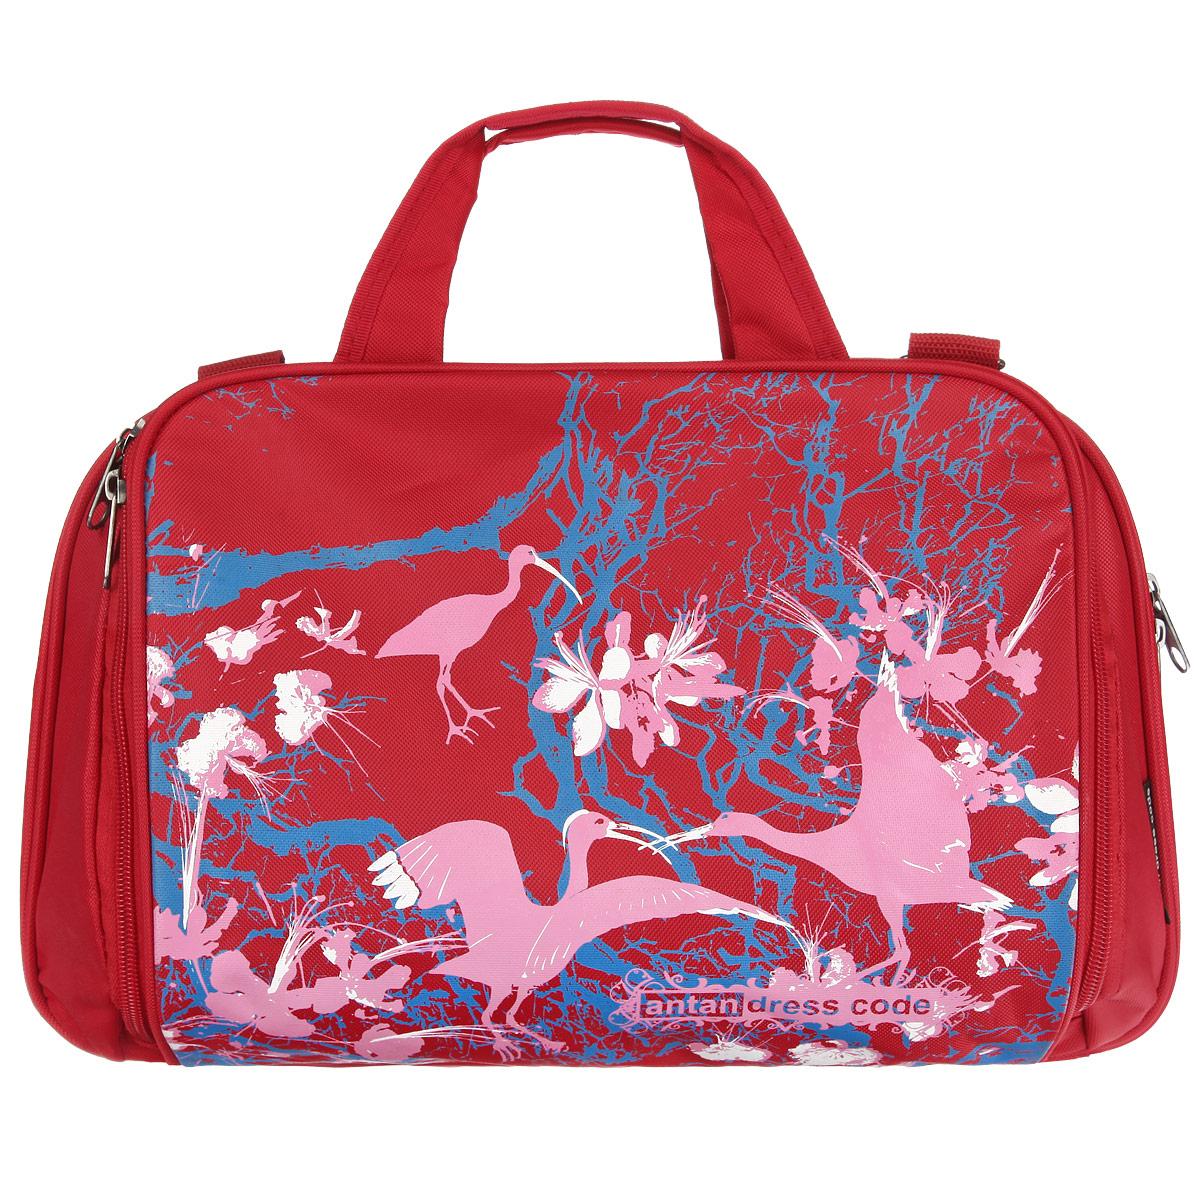 Сумка женская Antan Райские птицы, цвет: красный, розовый. 1-21/11-21/1Вместительная сумка Antan Райские птицы выполнена из прочного полиэстера и оформлена принтом с изображением птиц. Сумка имеет три отделения, закрывающихся на застежки-молнии с двумя бегунками. Внутри первого отделения расположены два накладных сетчатых кармана. Среднее отделение содержит вместительный накладной карман и карман-средник на застежке-молнии. Изделие оснащено двумя удобными ручками и съемным плечевым ремнем регулируемой длины. Такая сумка позволит вам оптимально распределить все необходимые вещи. С ней вы спокойно можете отправляться как на прогулку, так и в дальнюю поездку.